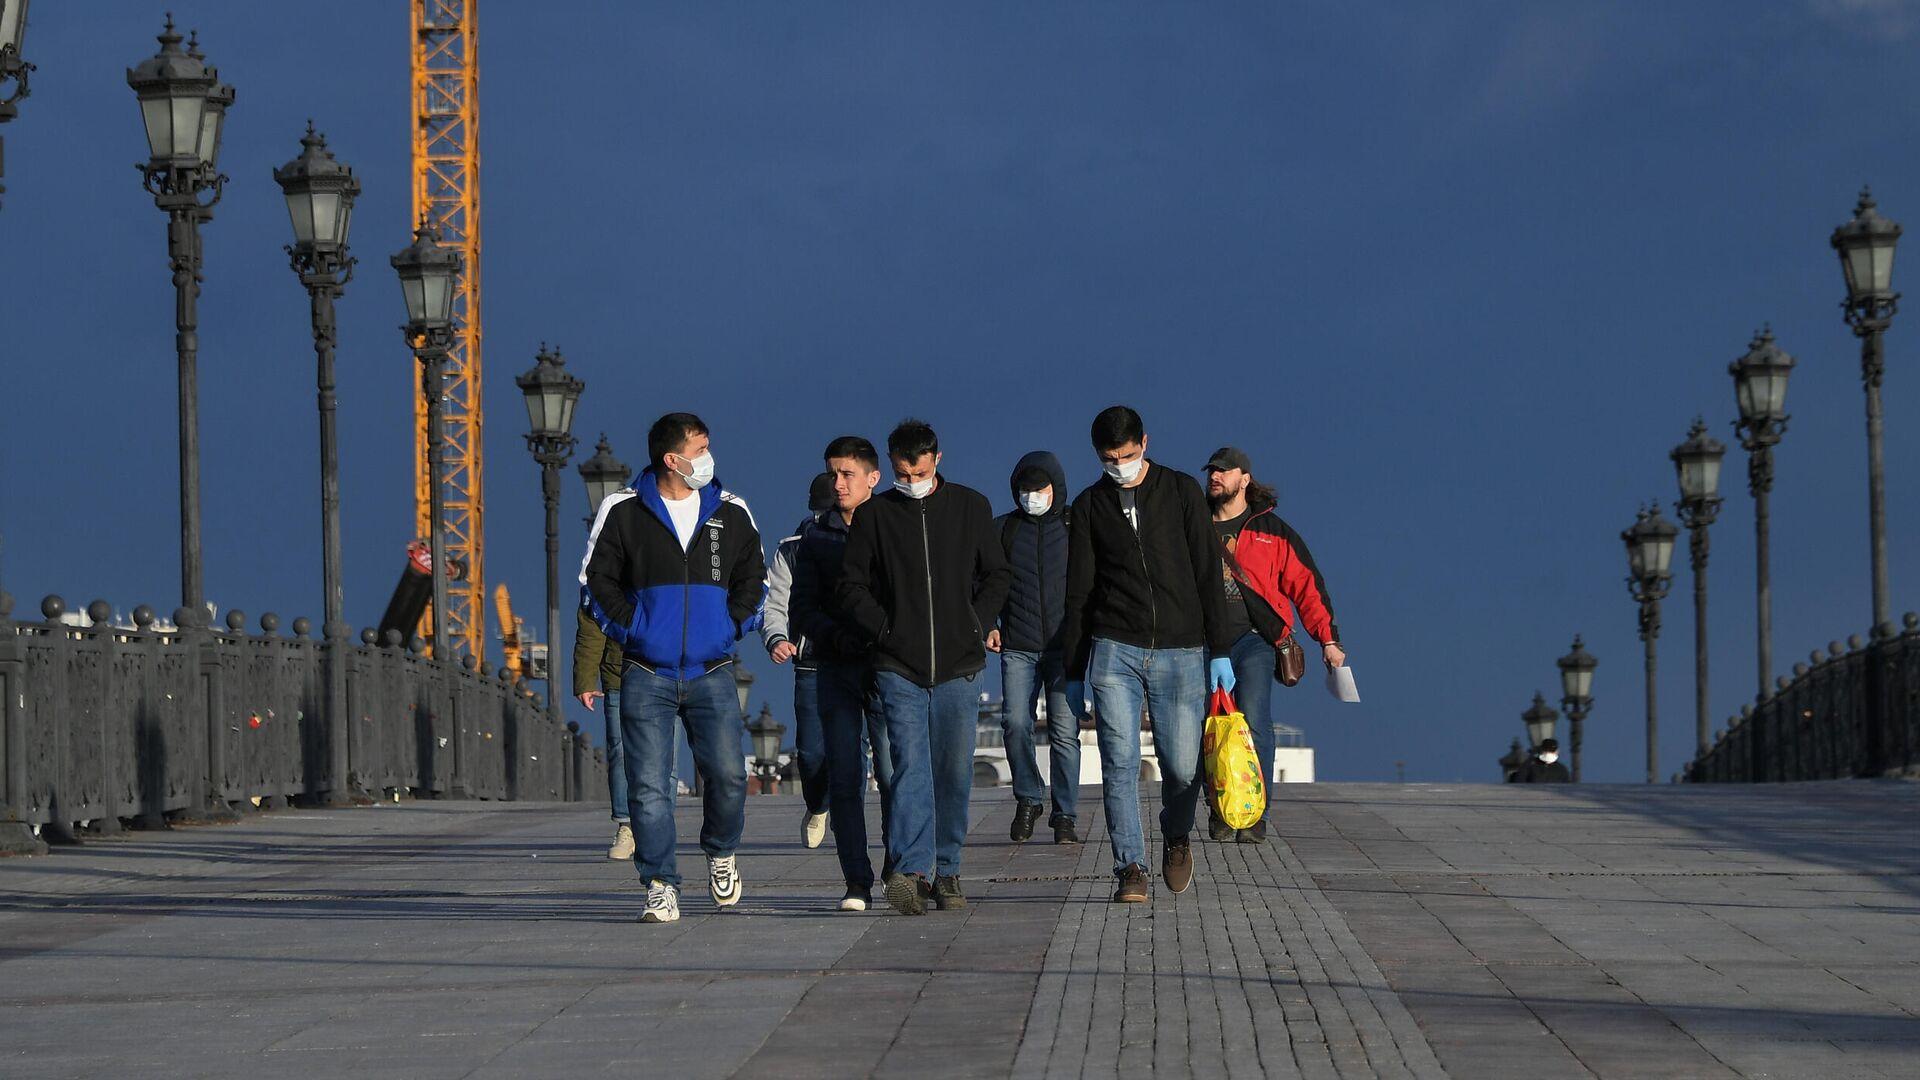 Пешеходы идут по Патриаршему мосту в Москве - РИА Новости, 1920, 08.05.2021